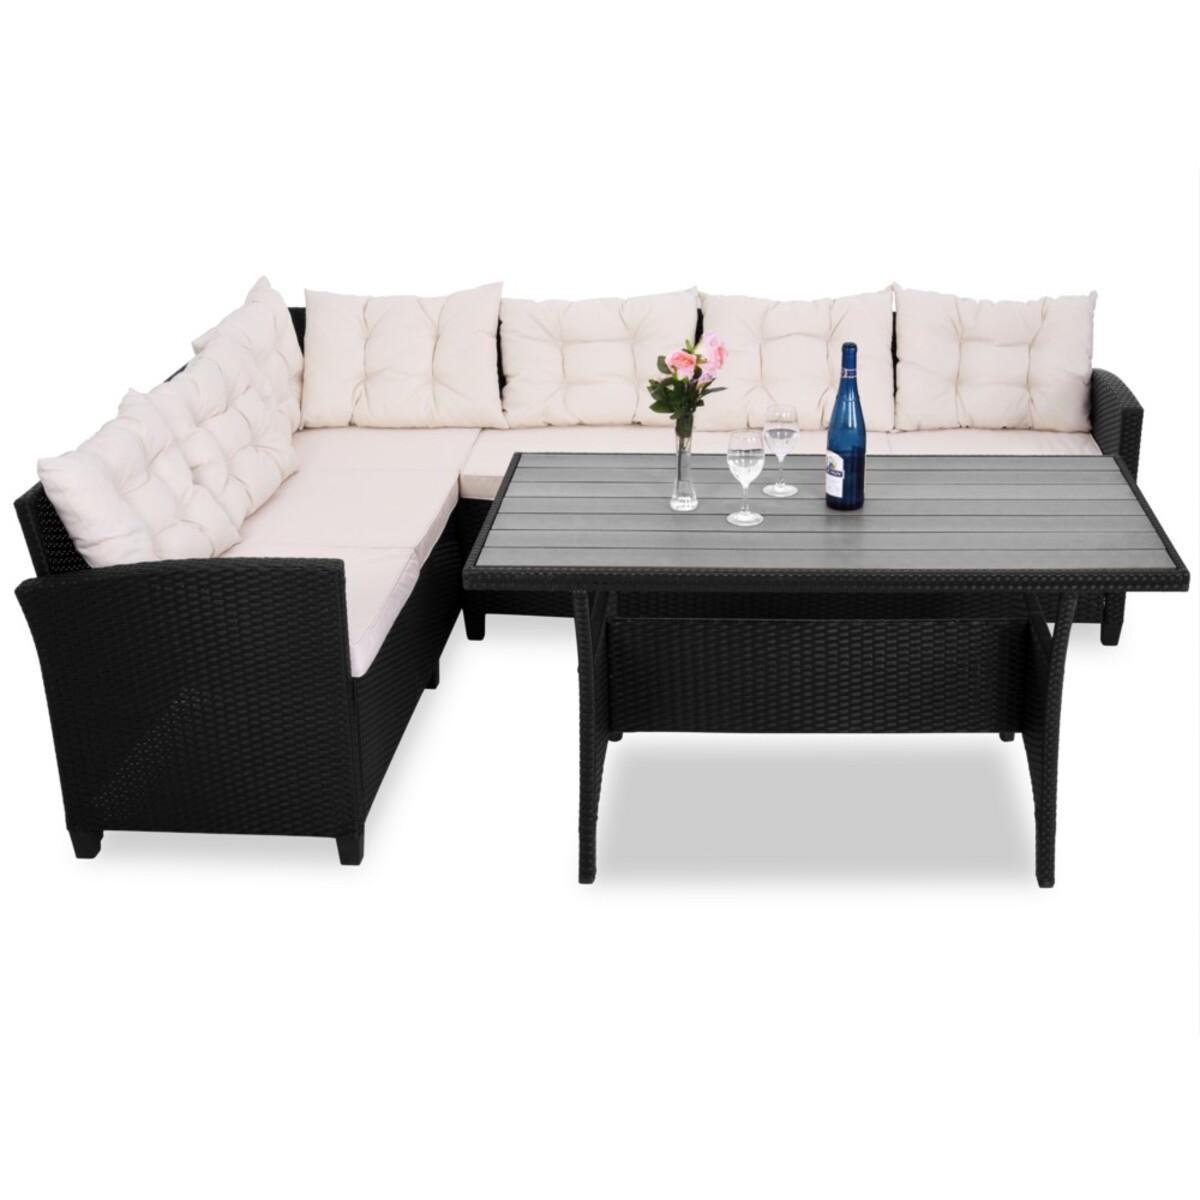 Bild 2 von Casaria Rattan Ecklounge M mit Sitzauflage schwarz-creme